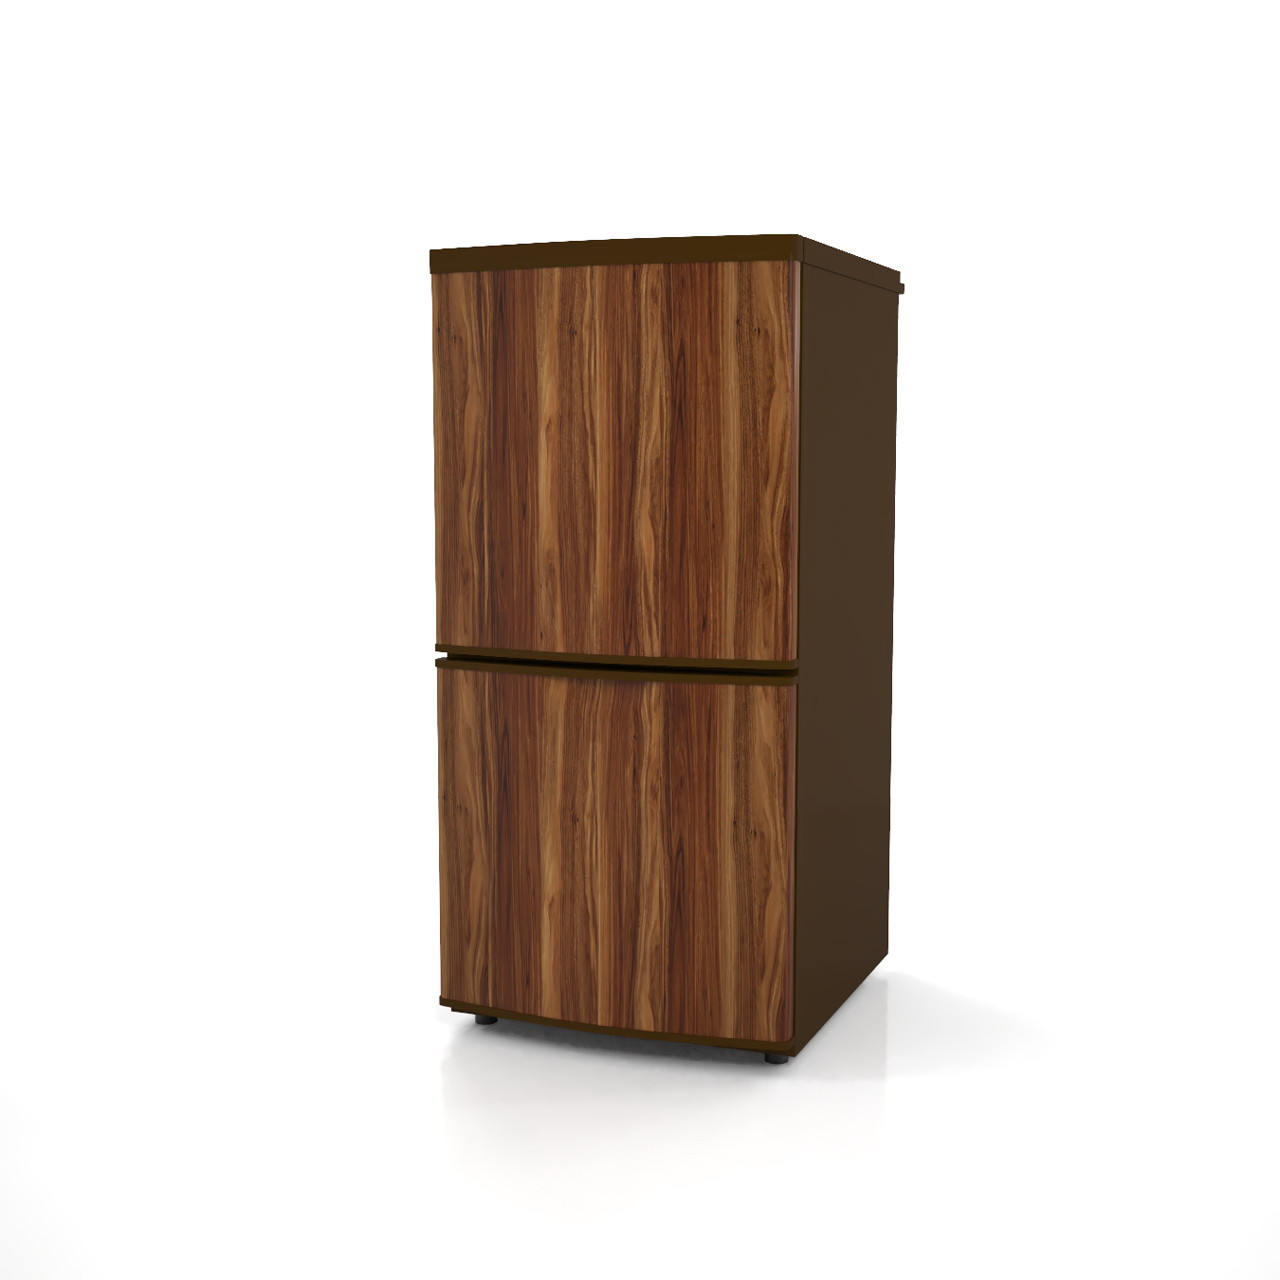 高さ1mサイズの小型の冷蔵庫(木目色)の3dCADデータ│インテリア 家電製品 冷蔵庫 refrigerator│3d cad データ フリー ダウンロード 無料 商用可能 建築パース フリー素材 formZ 3D 3ds obj Free download│digital-architex.com